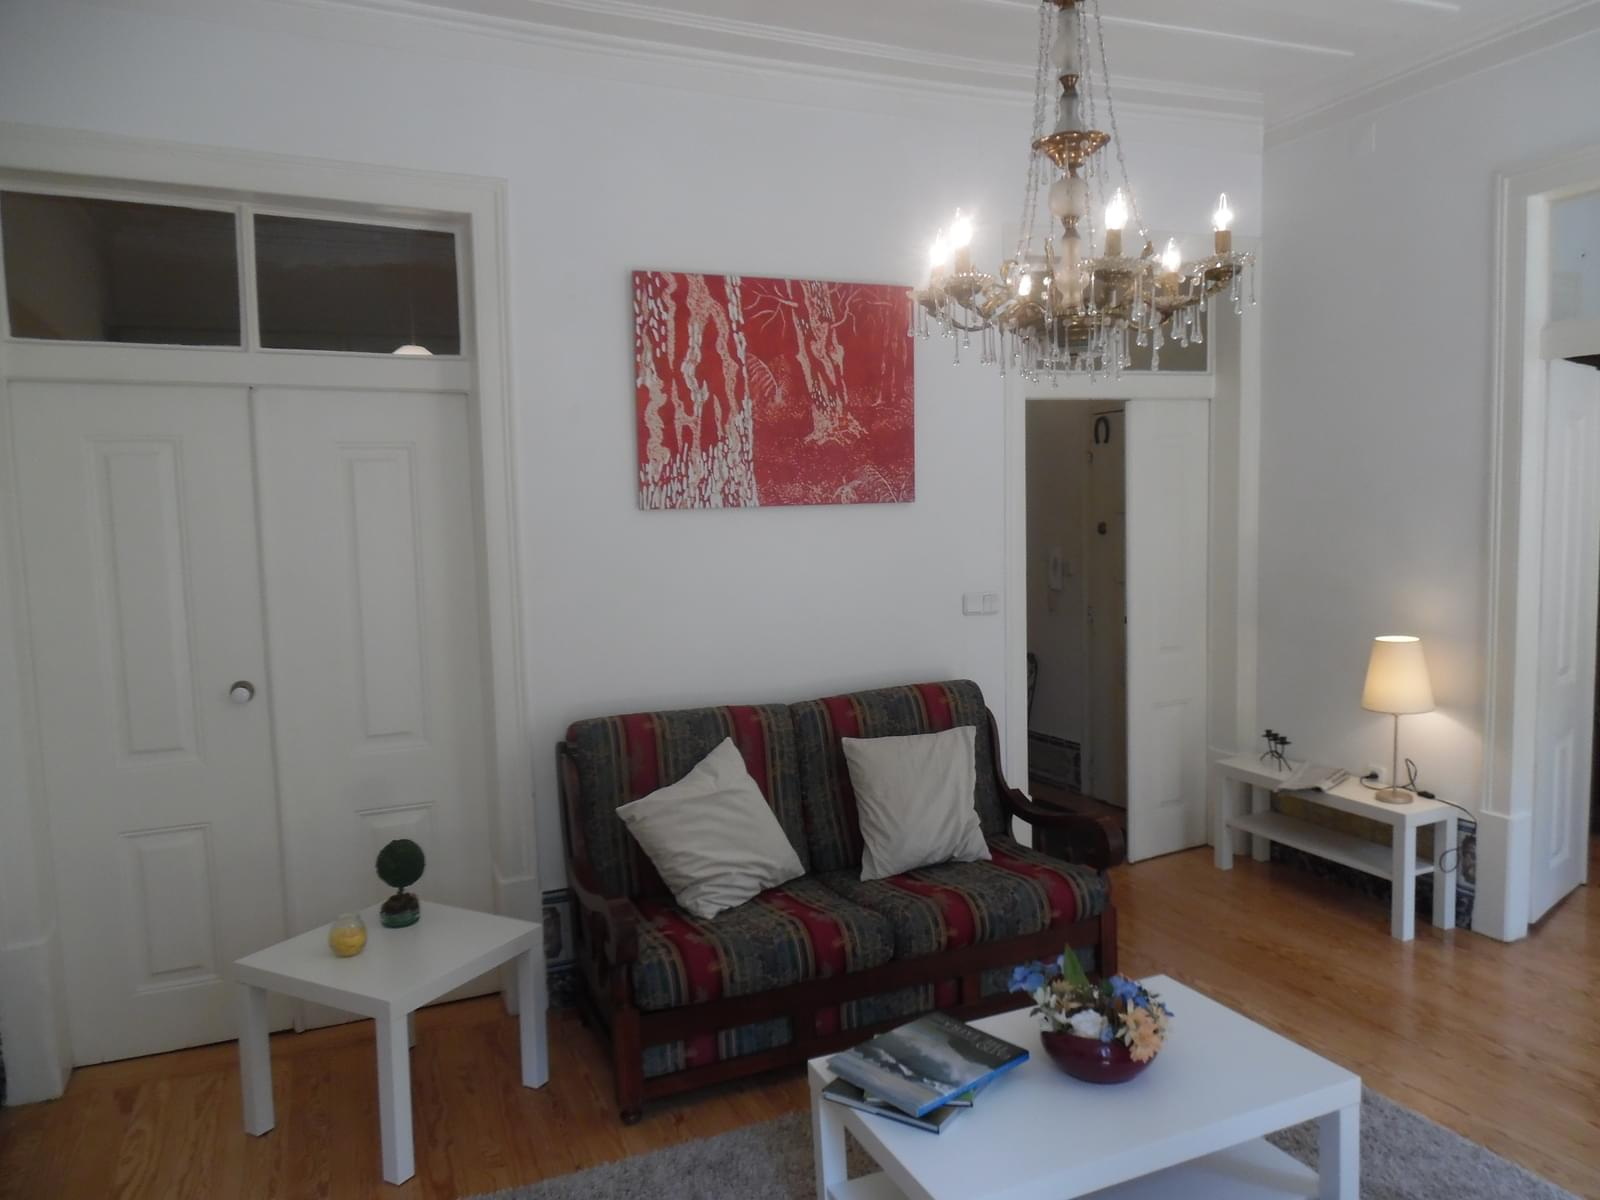 pf17147-apartamento-t2-lisboa-e2d4885b-1faa-4776-bf23-322cb3a6f9f0